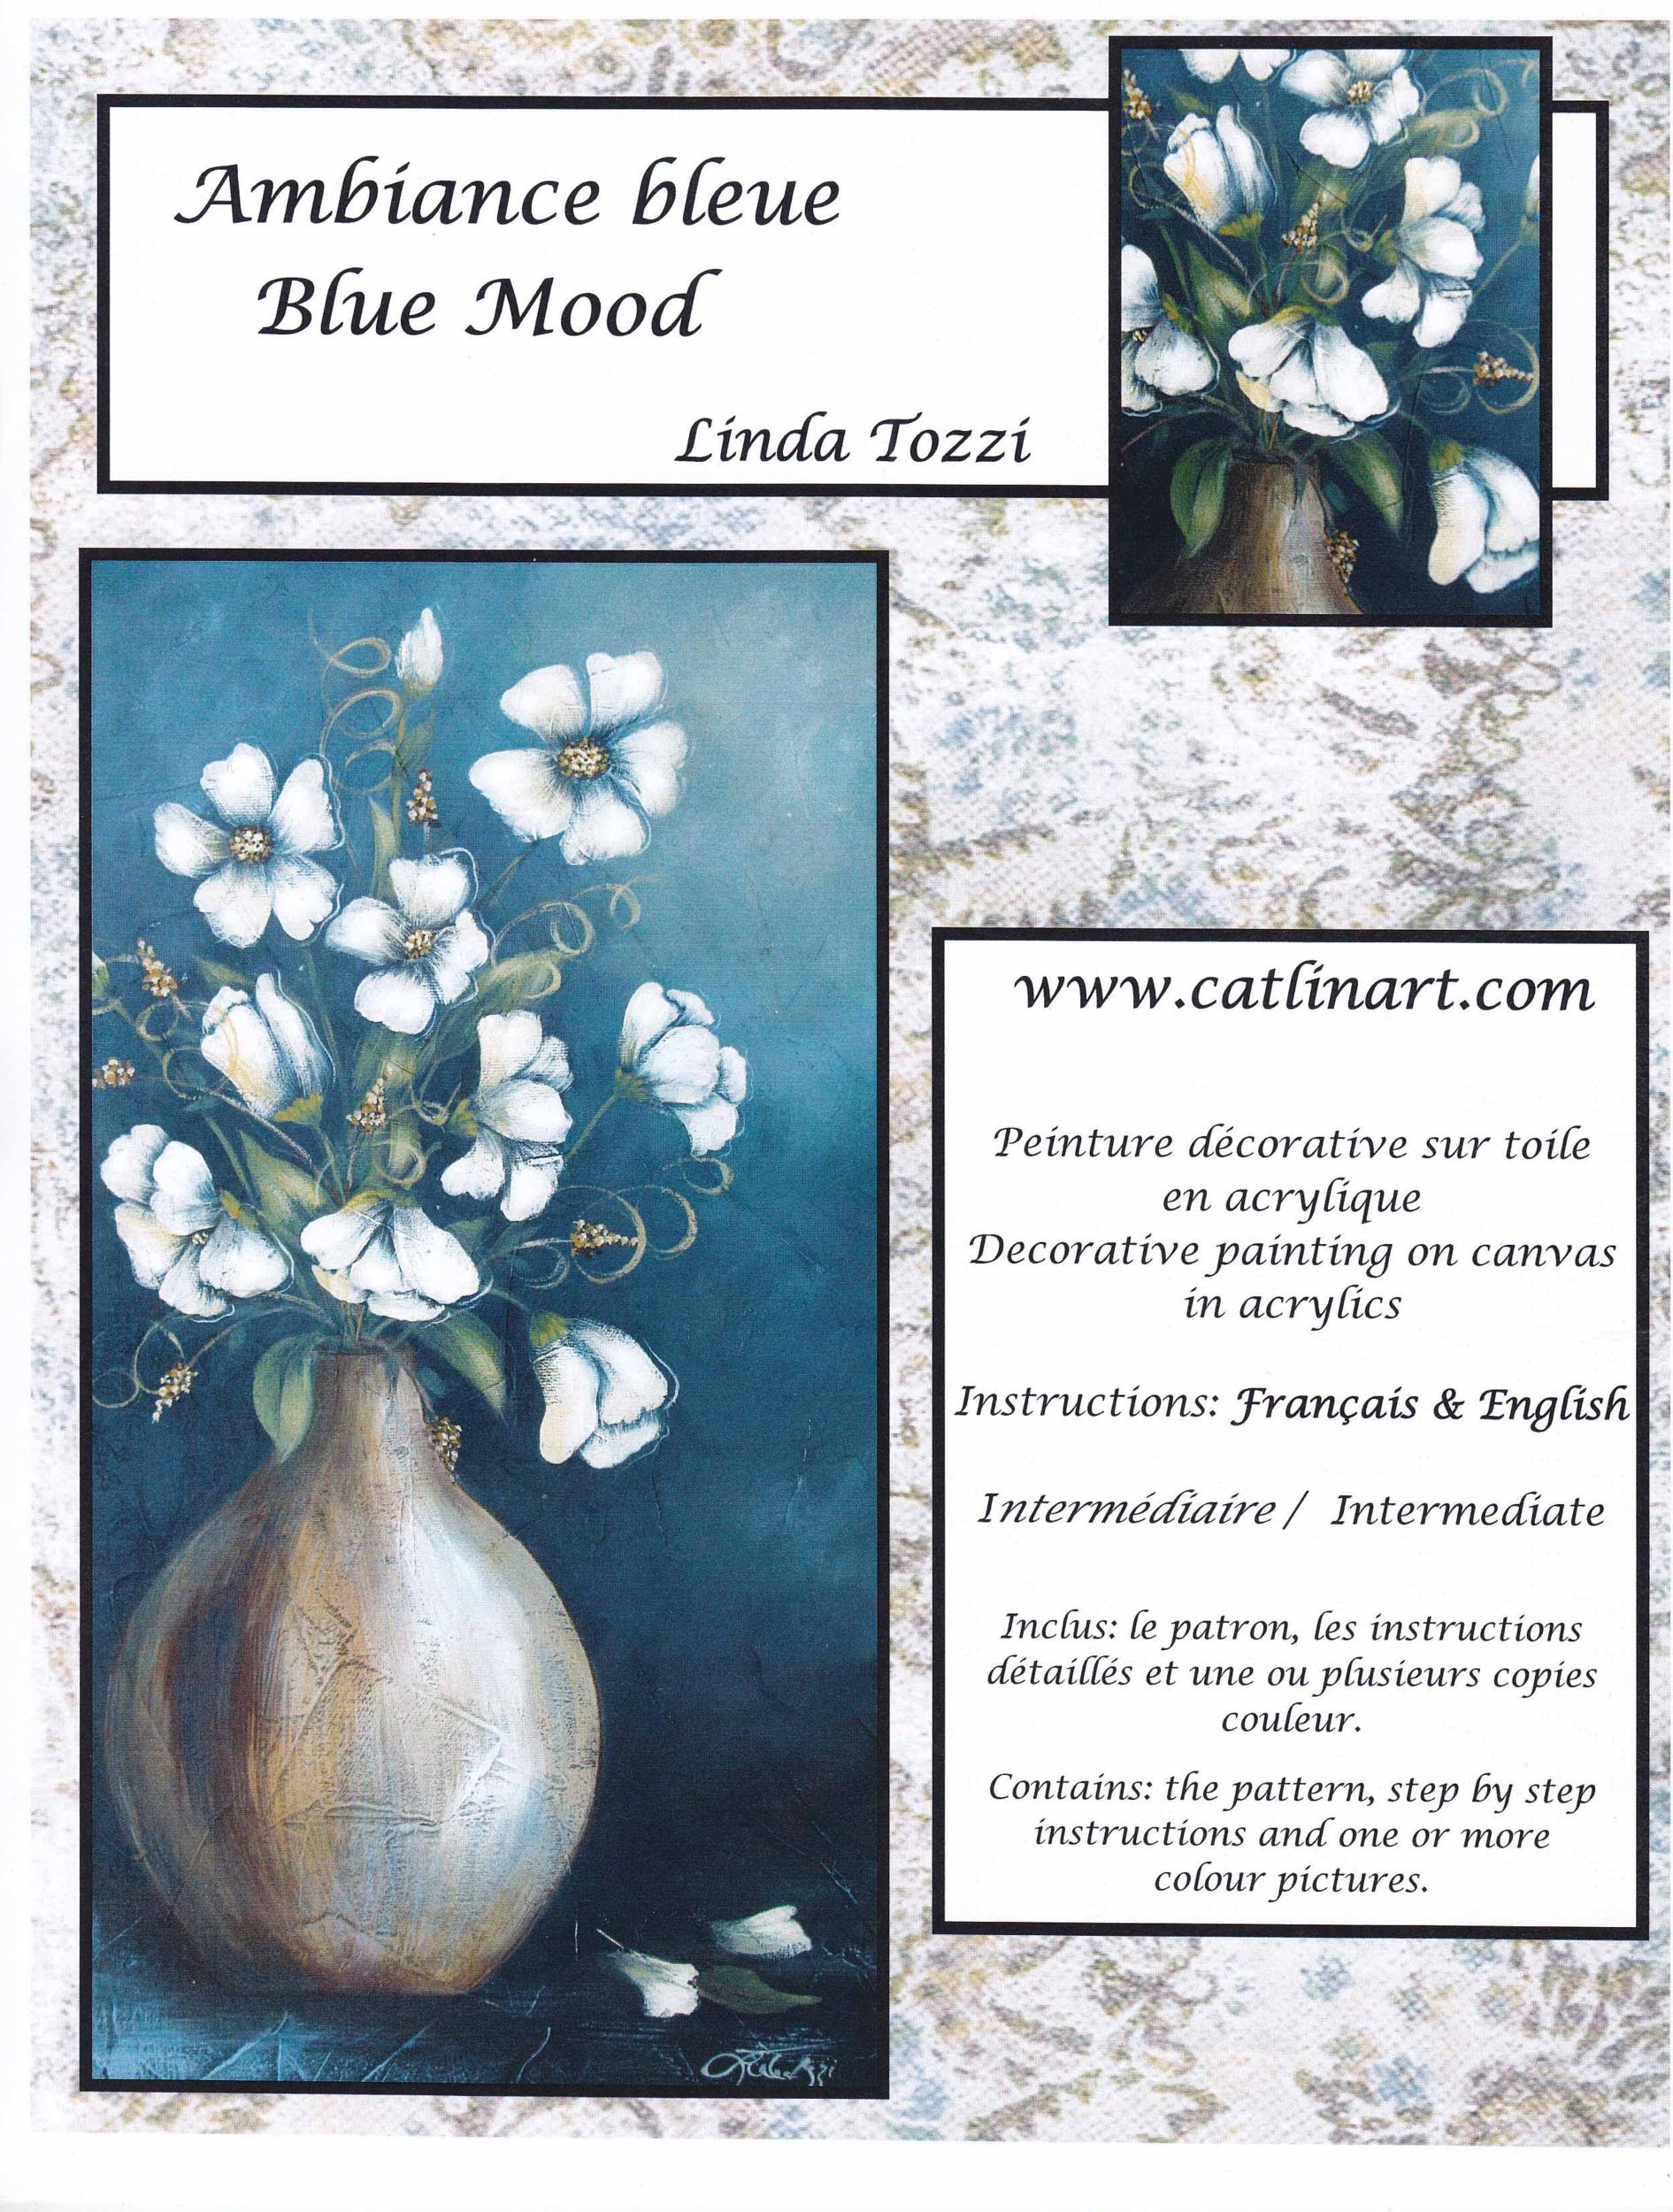 Ambiance bleue - Linda Tozzi